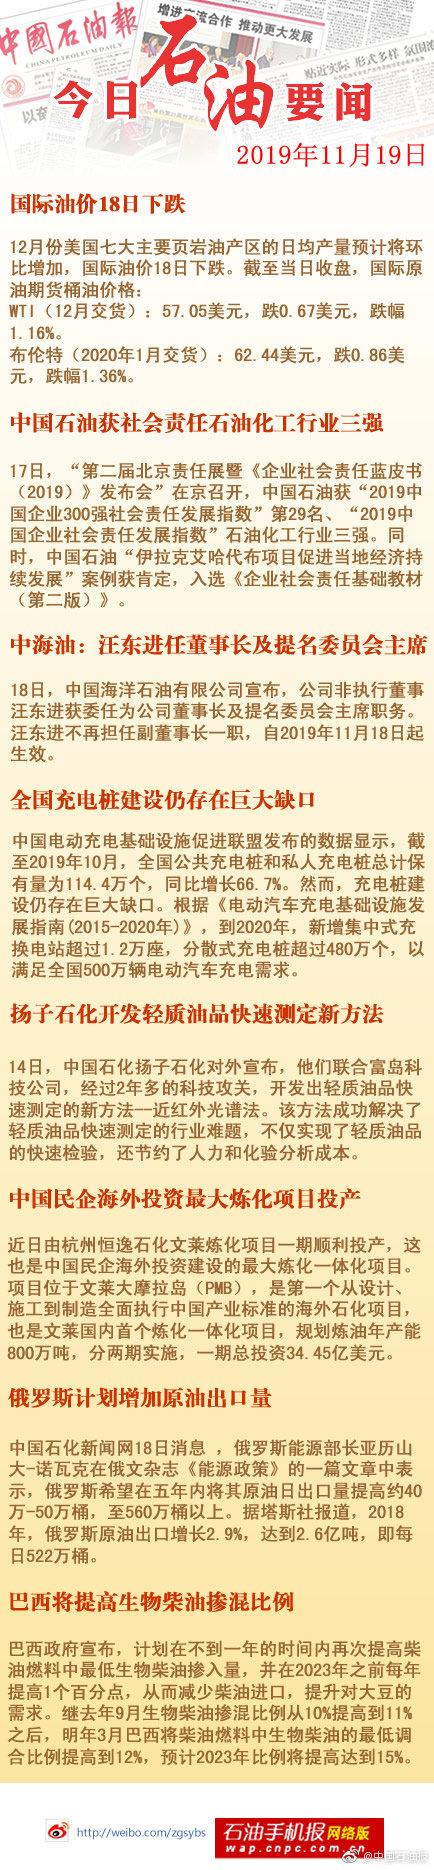 国际油价18日下跌;中国石油获社会责任石油化工行业三强;中海油